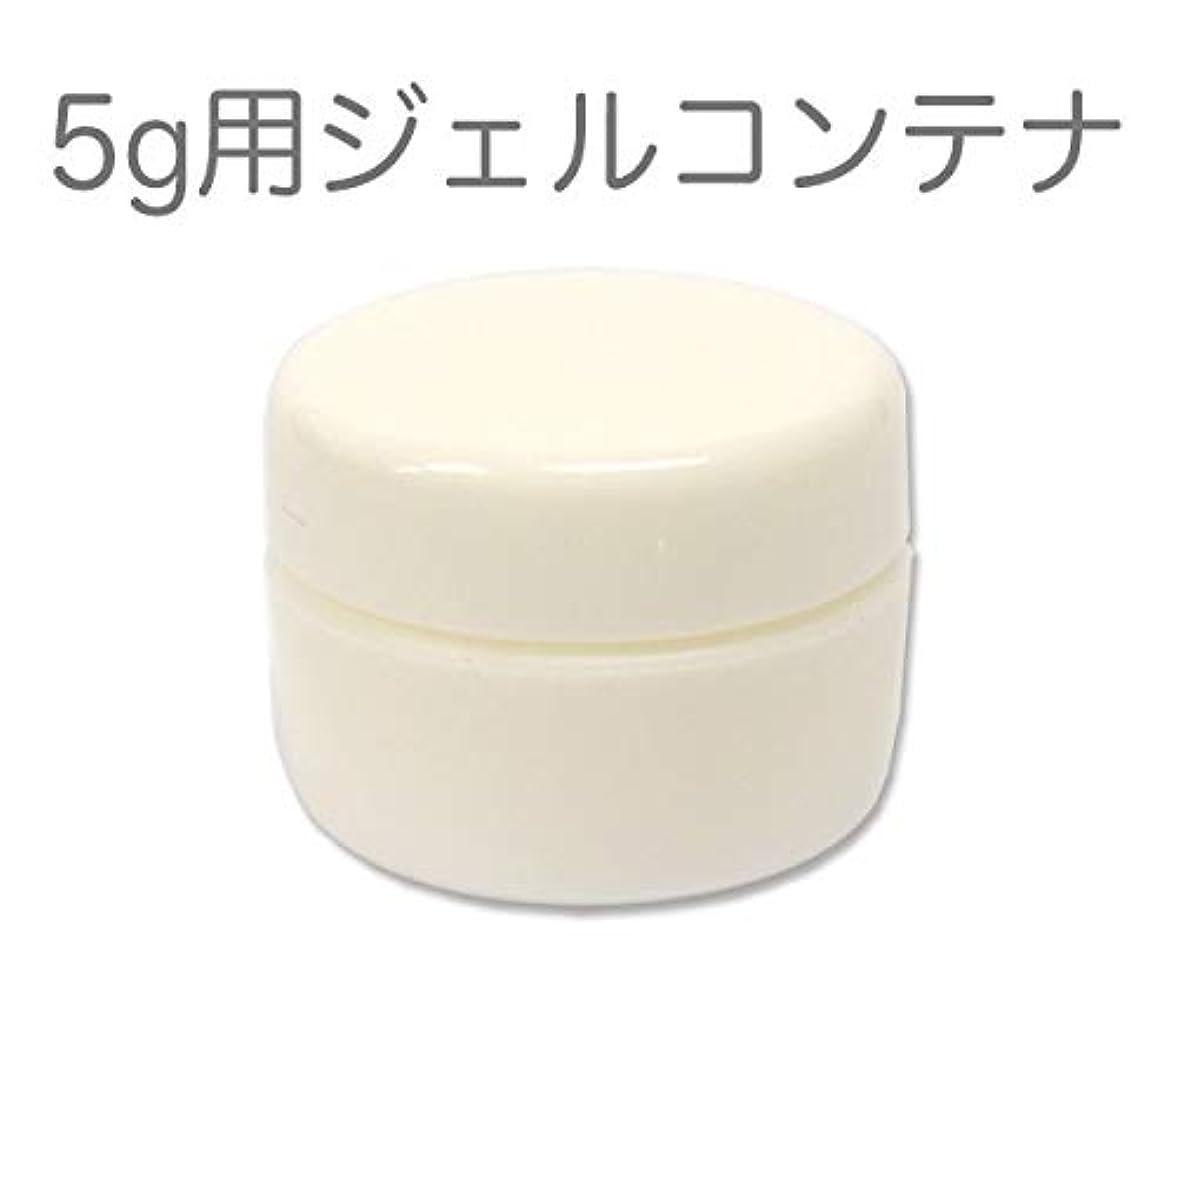 十分名目上のまっすぐ10個セット ジェルネイル用スペアコンテナ 容量5g ホワイト 蓋裏に漏れ防止パッキン付き